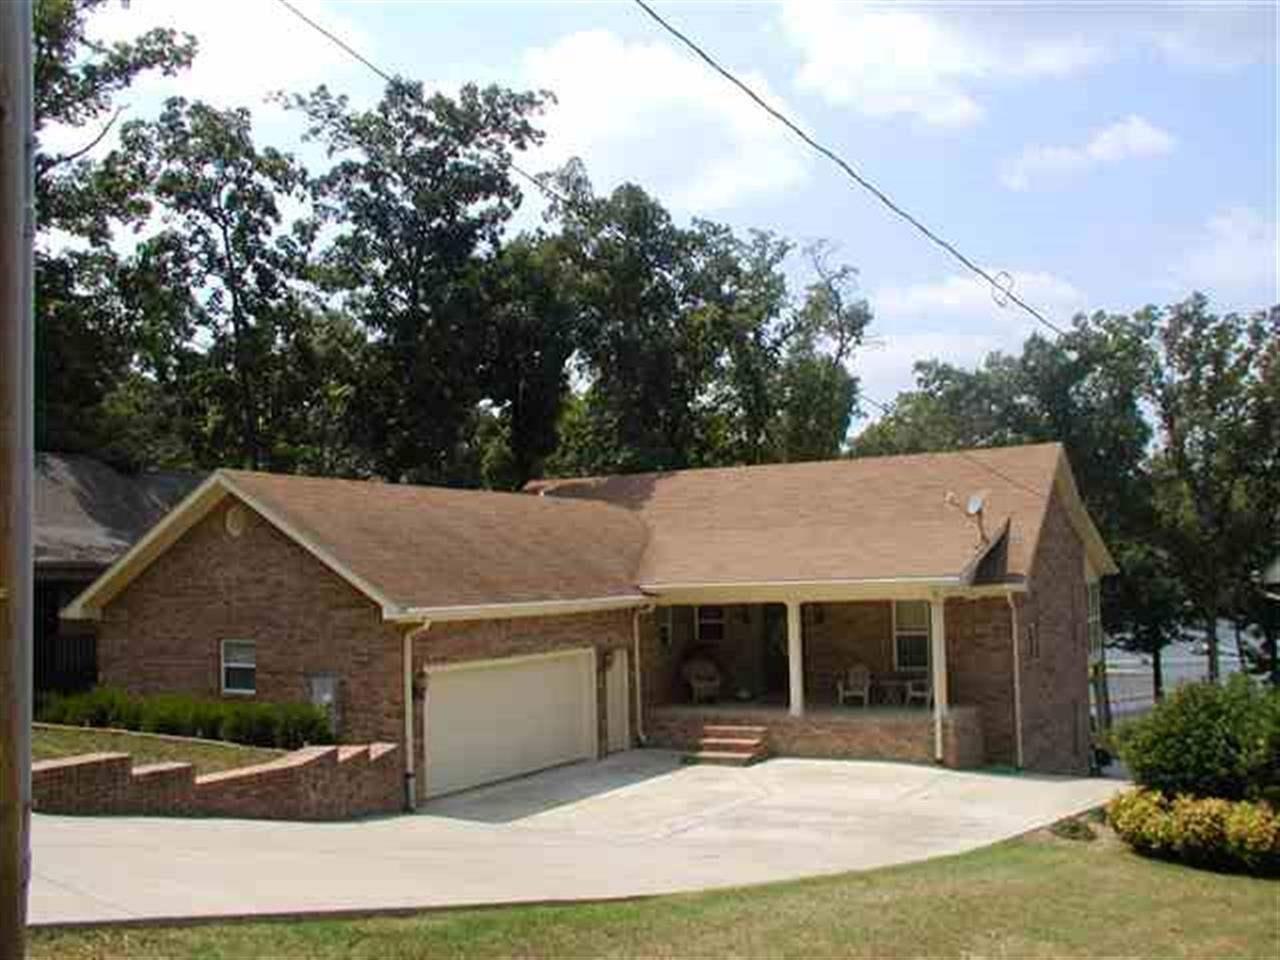 Real Estate for Sale, ListingId: 32557639, Gilbertsville,KY42044